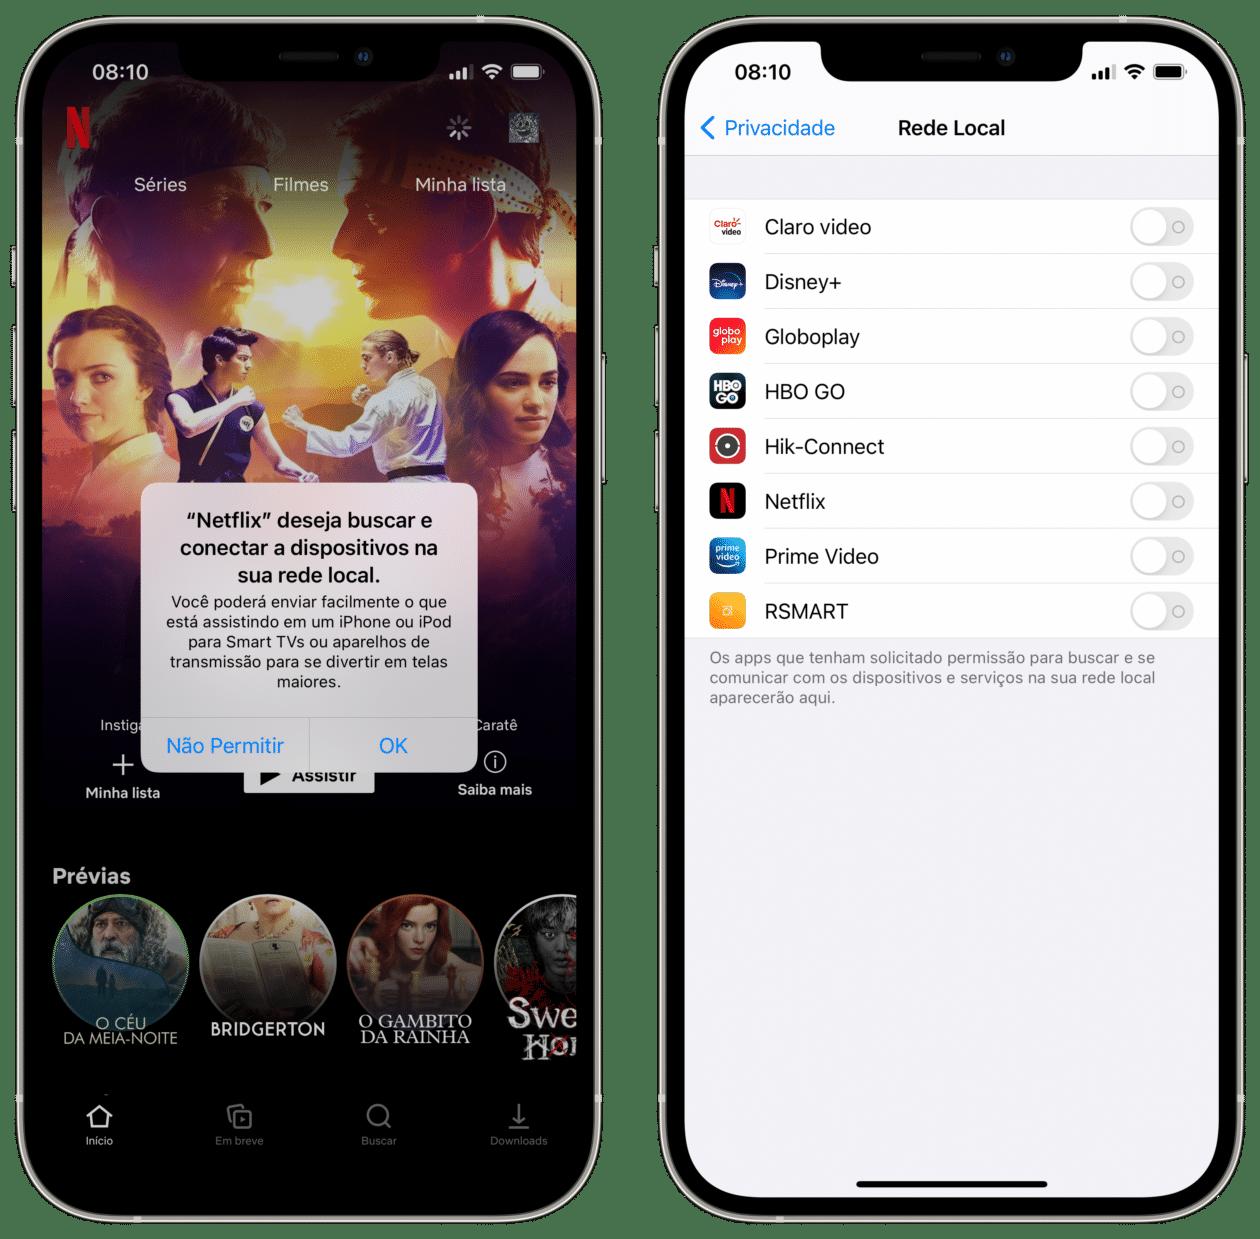 App solicitando permissão para acessar a rede local.